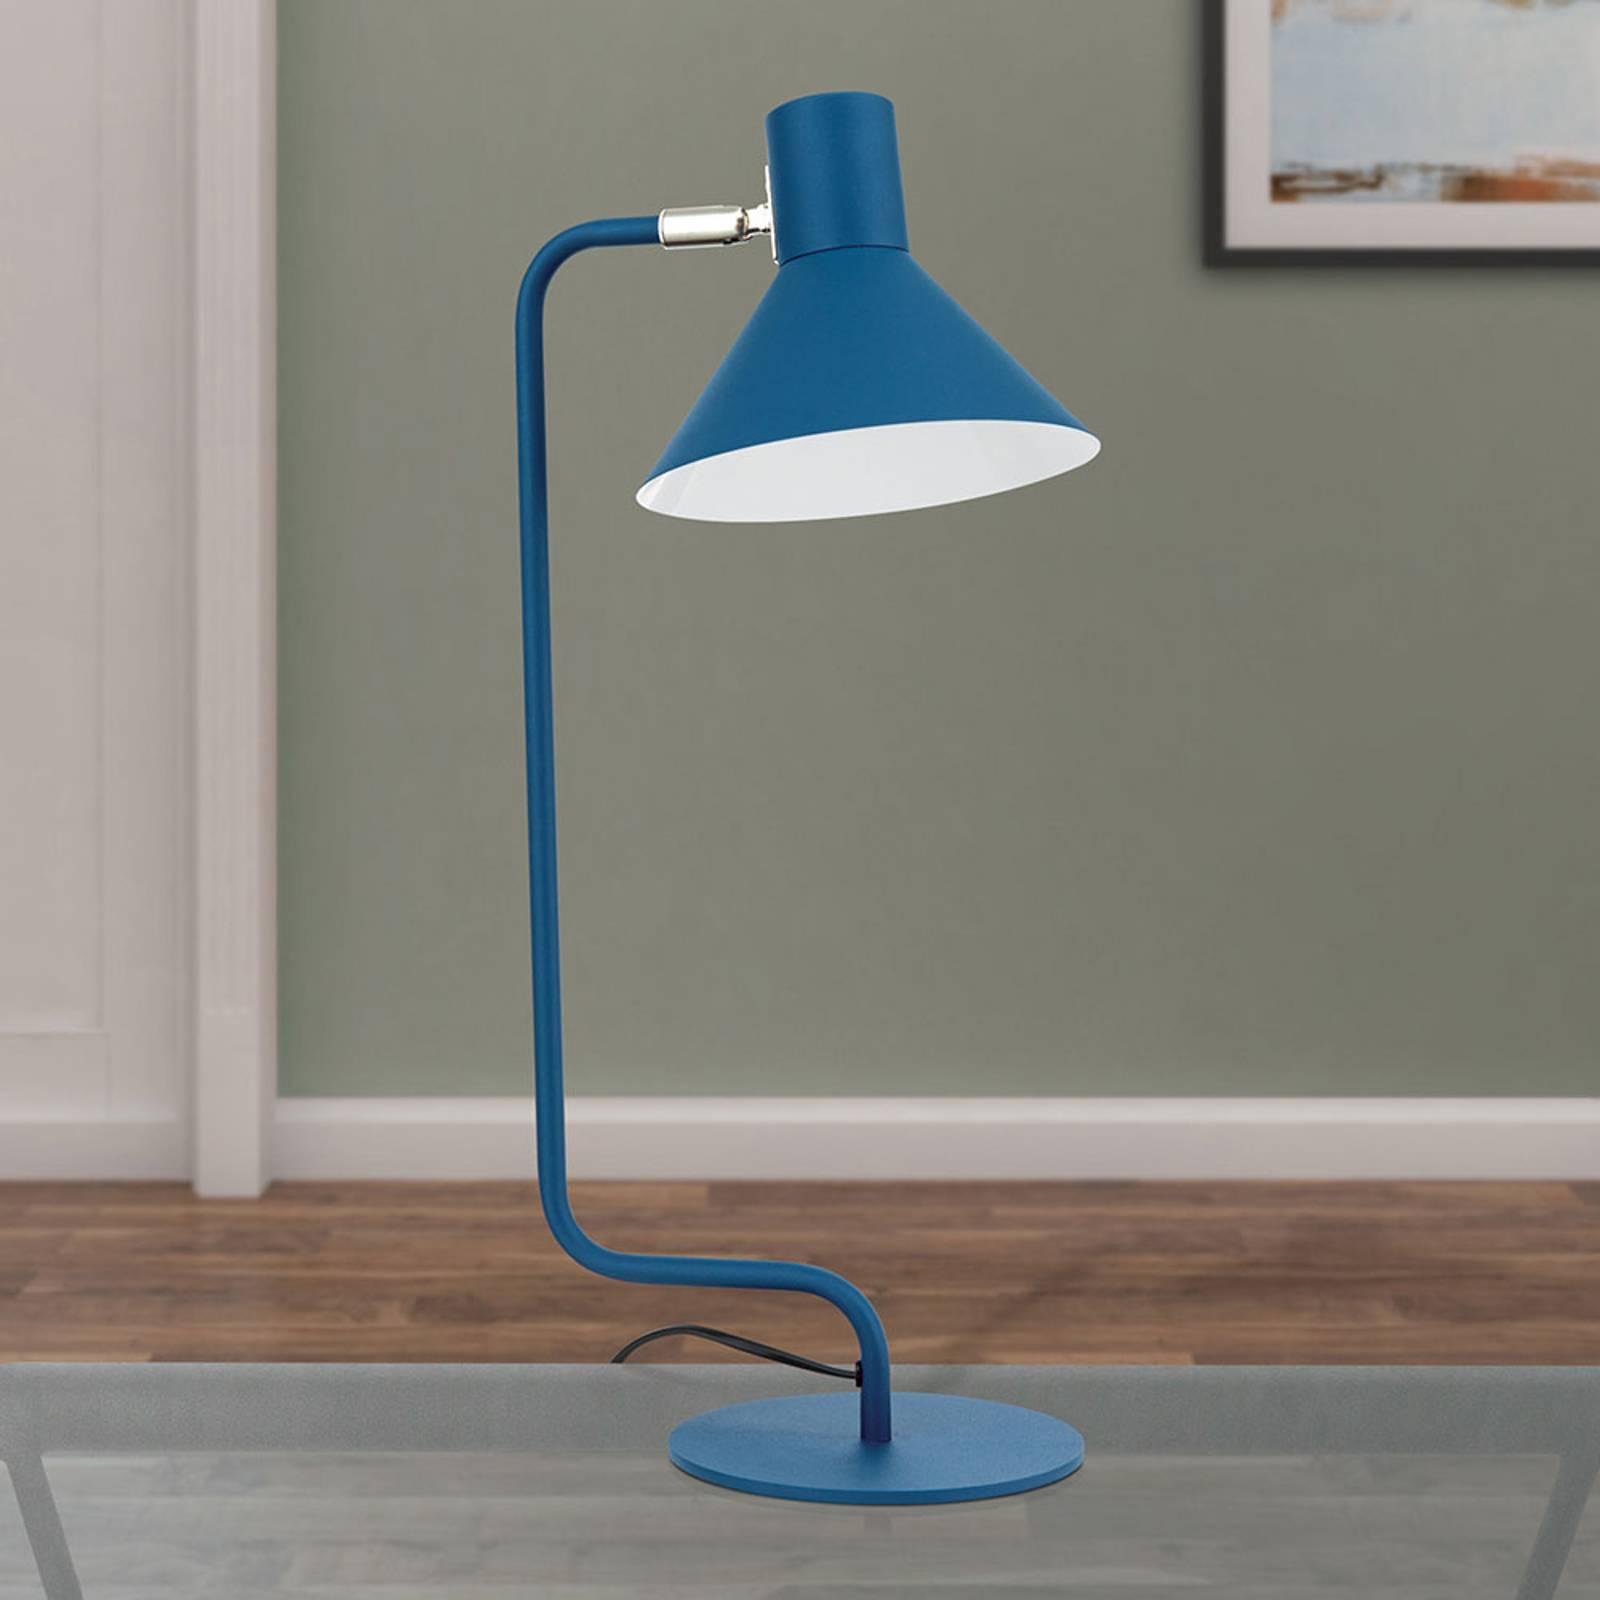 Työpöytälamppu Viktoria, säädettävä pää, sininen